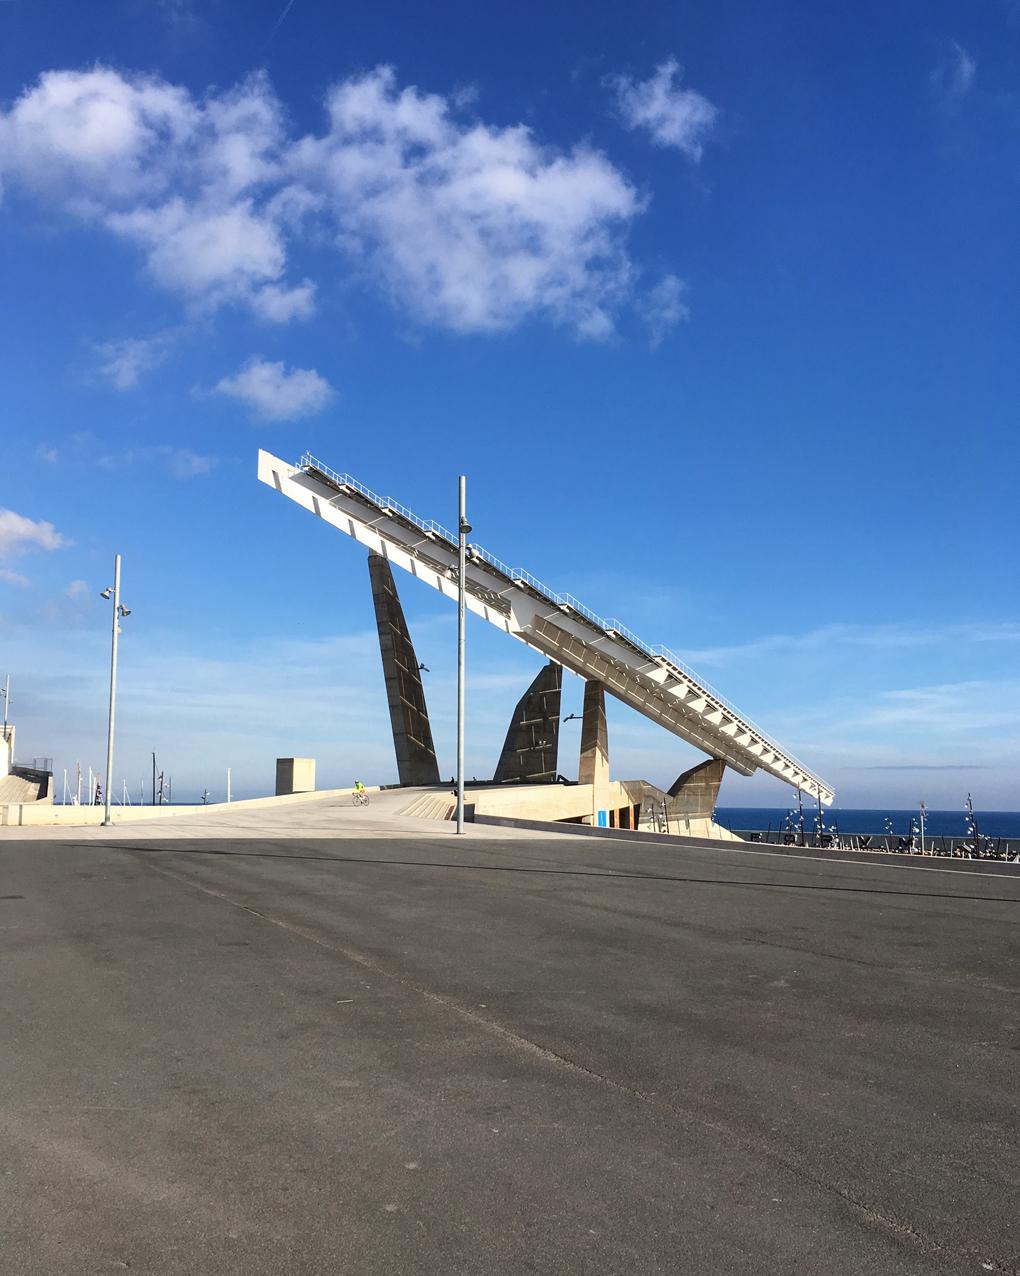 MILZĪGS 1,700 m² saules enerģijas panelis, kas esot kļuvis par vides aizsargāšanas apņemšanās apliecinājumu / simbolu.